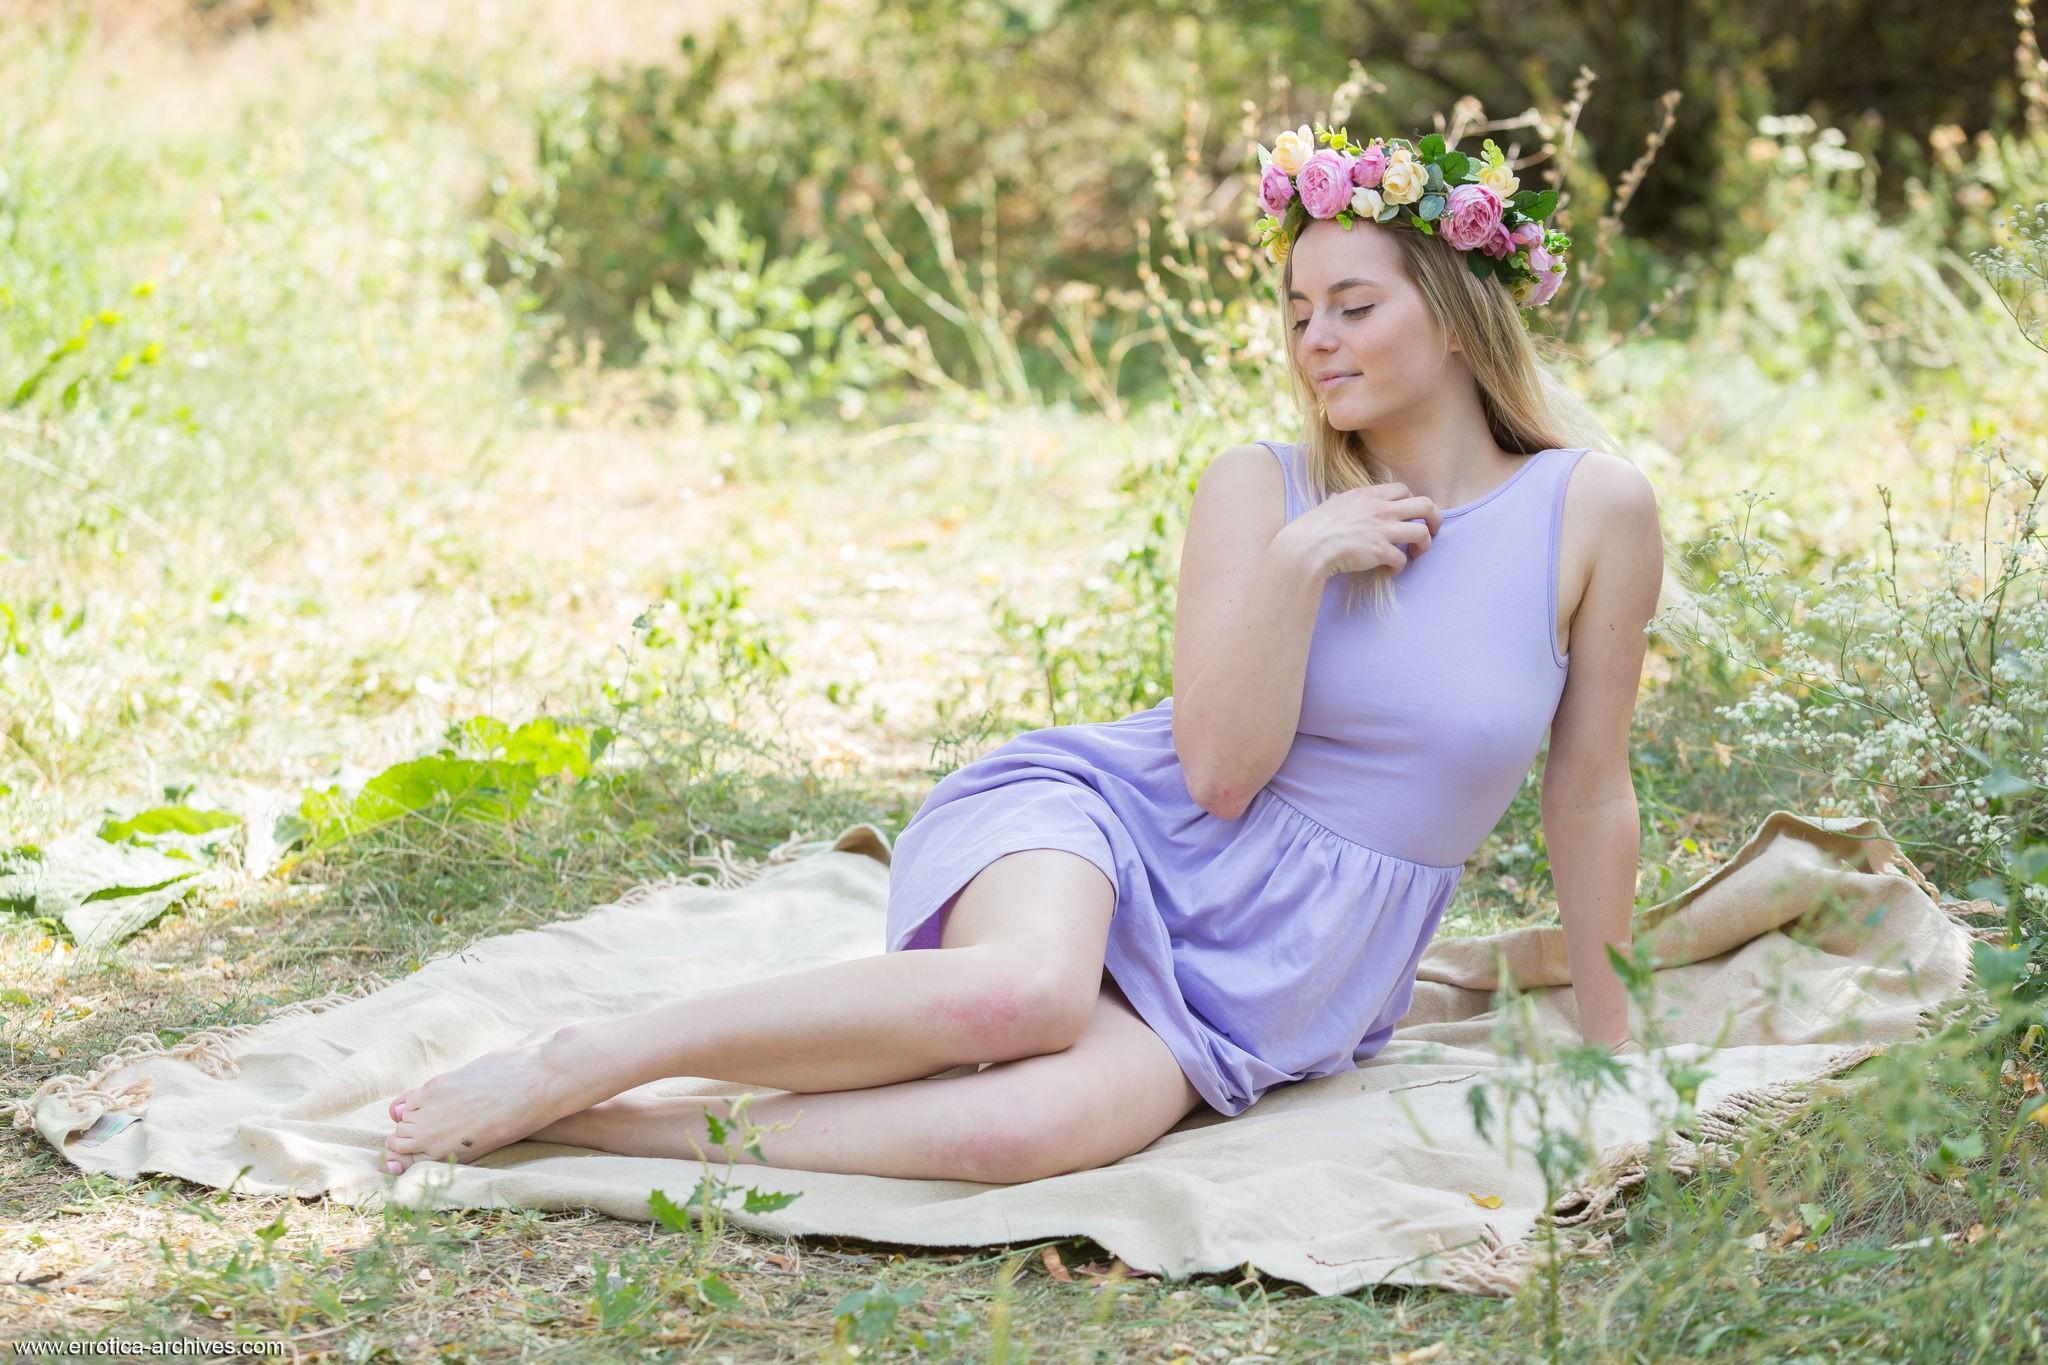 Девка без трусов на природе - фото